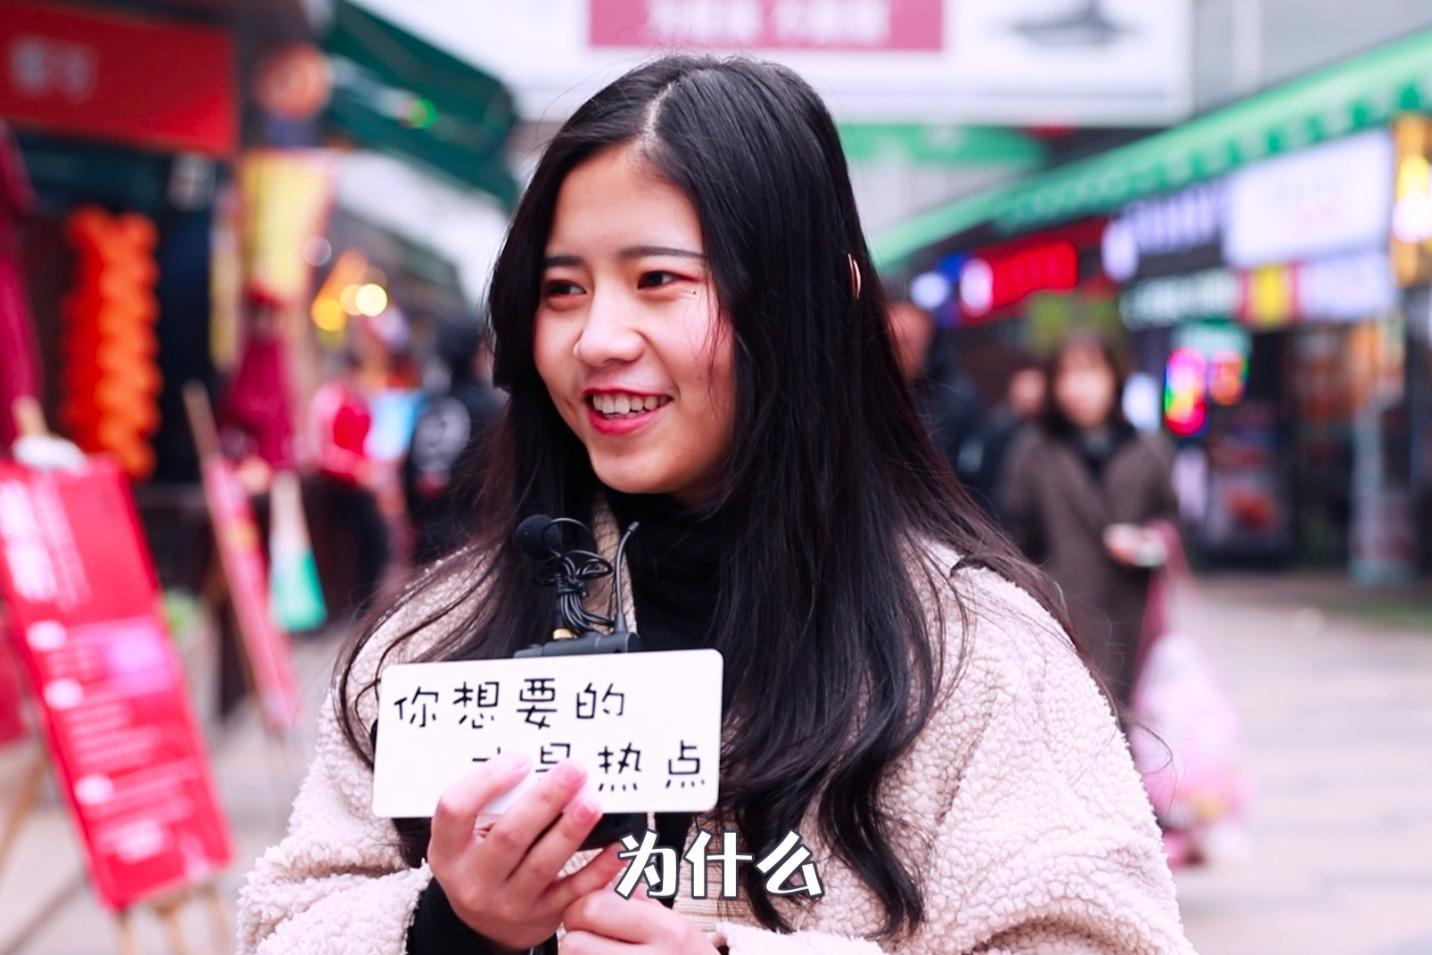 2019周星驰成龙沈腾谁的电影票房会得第一?看妹子怎么说